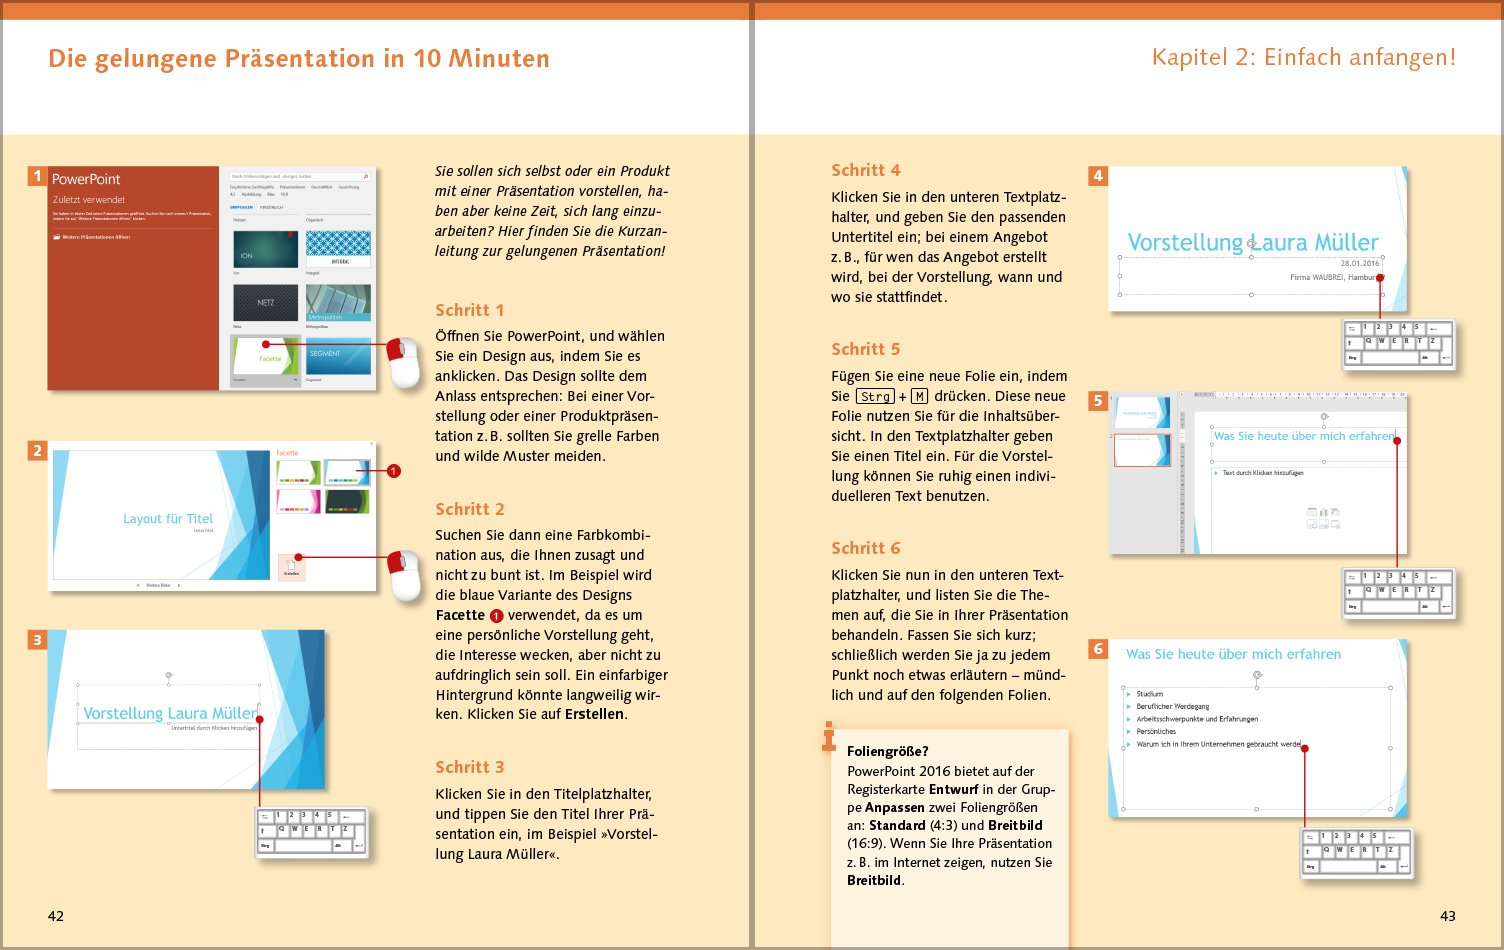 PowerPoint 2016: Die Anleitung in Bildern. Bild für Bild PowerPoint ...